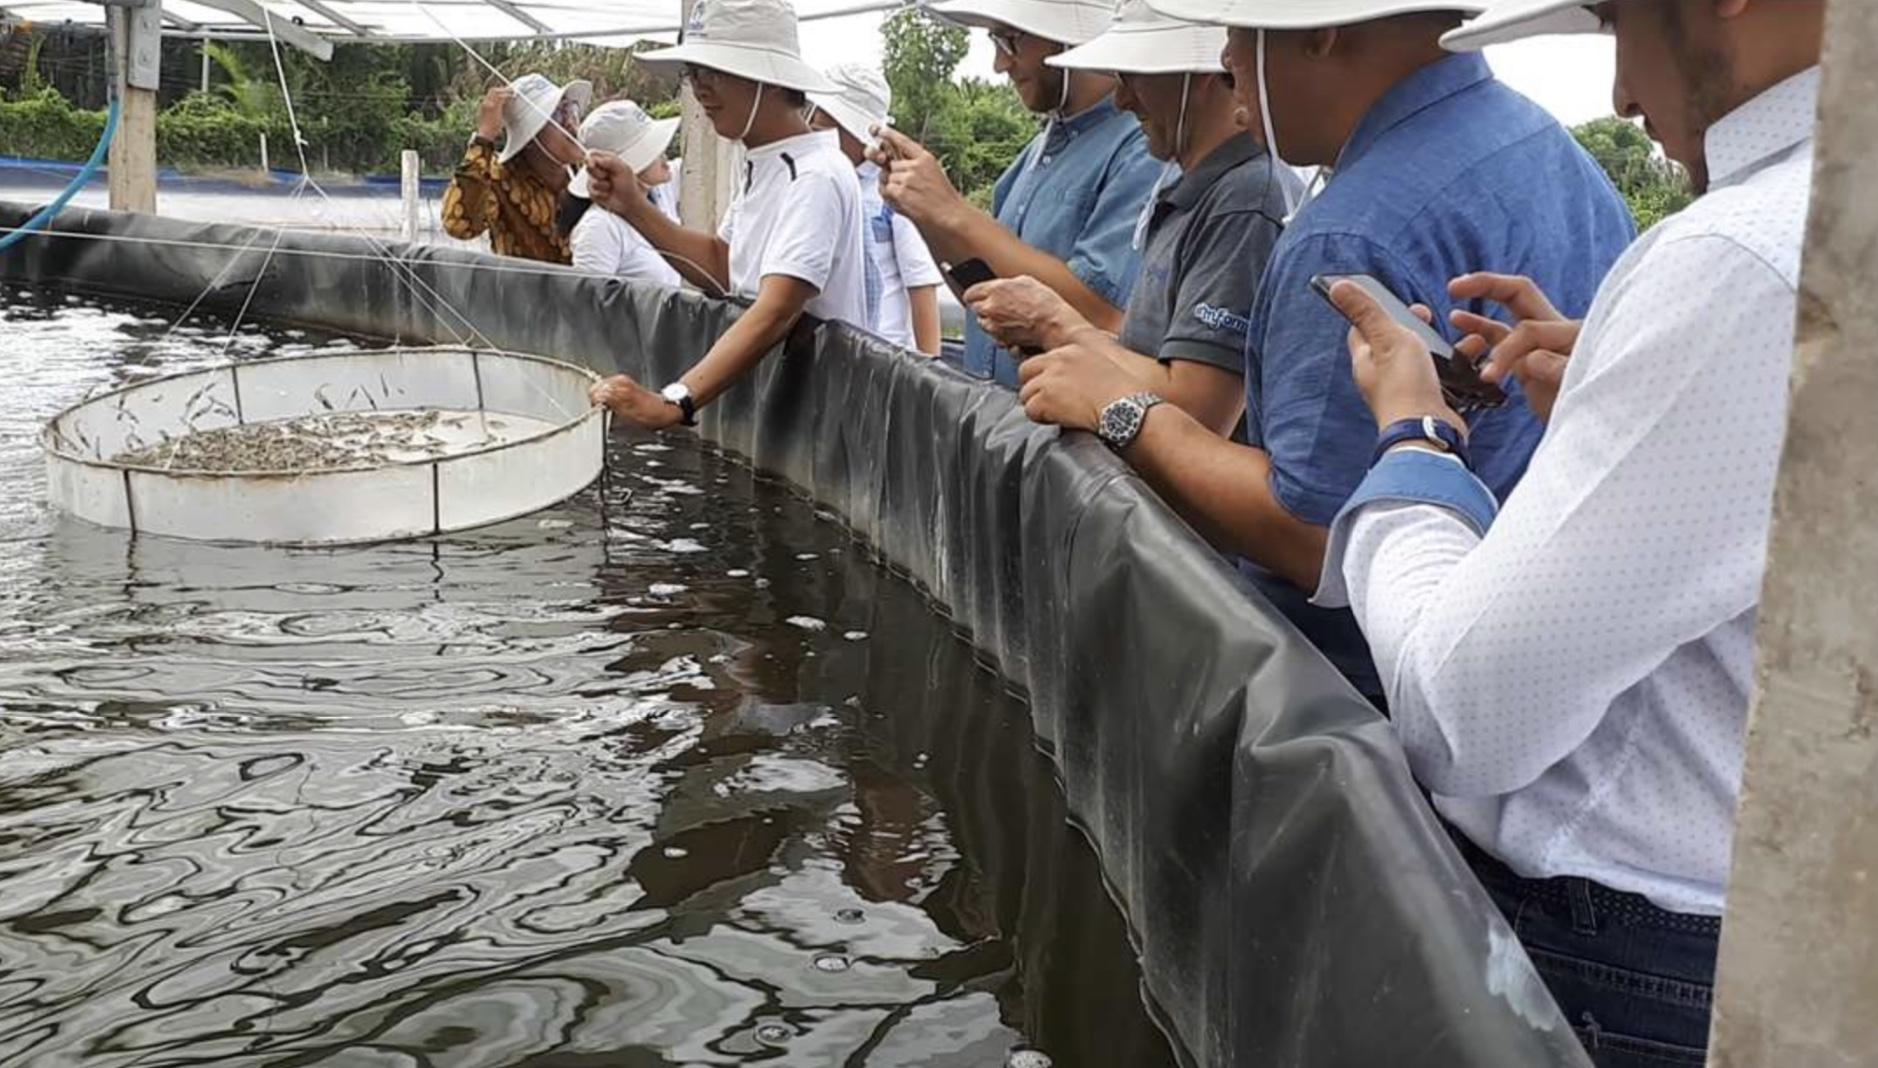 http://thuysanvietnam.com.vn/uploads/article2/baiviet/nuoitrong/270519a2.jpg